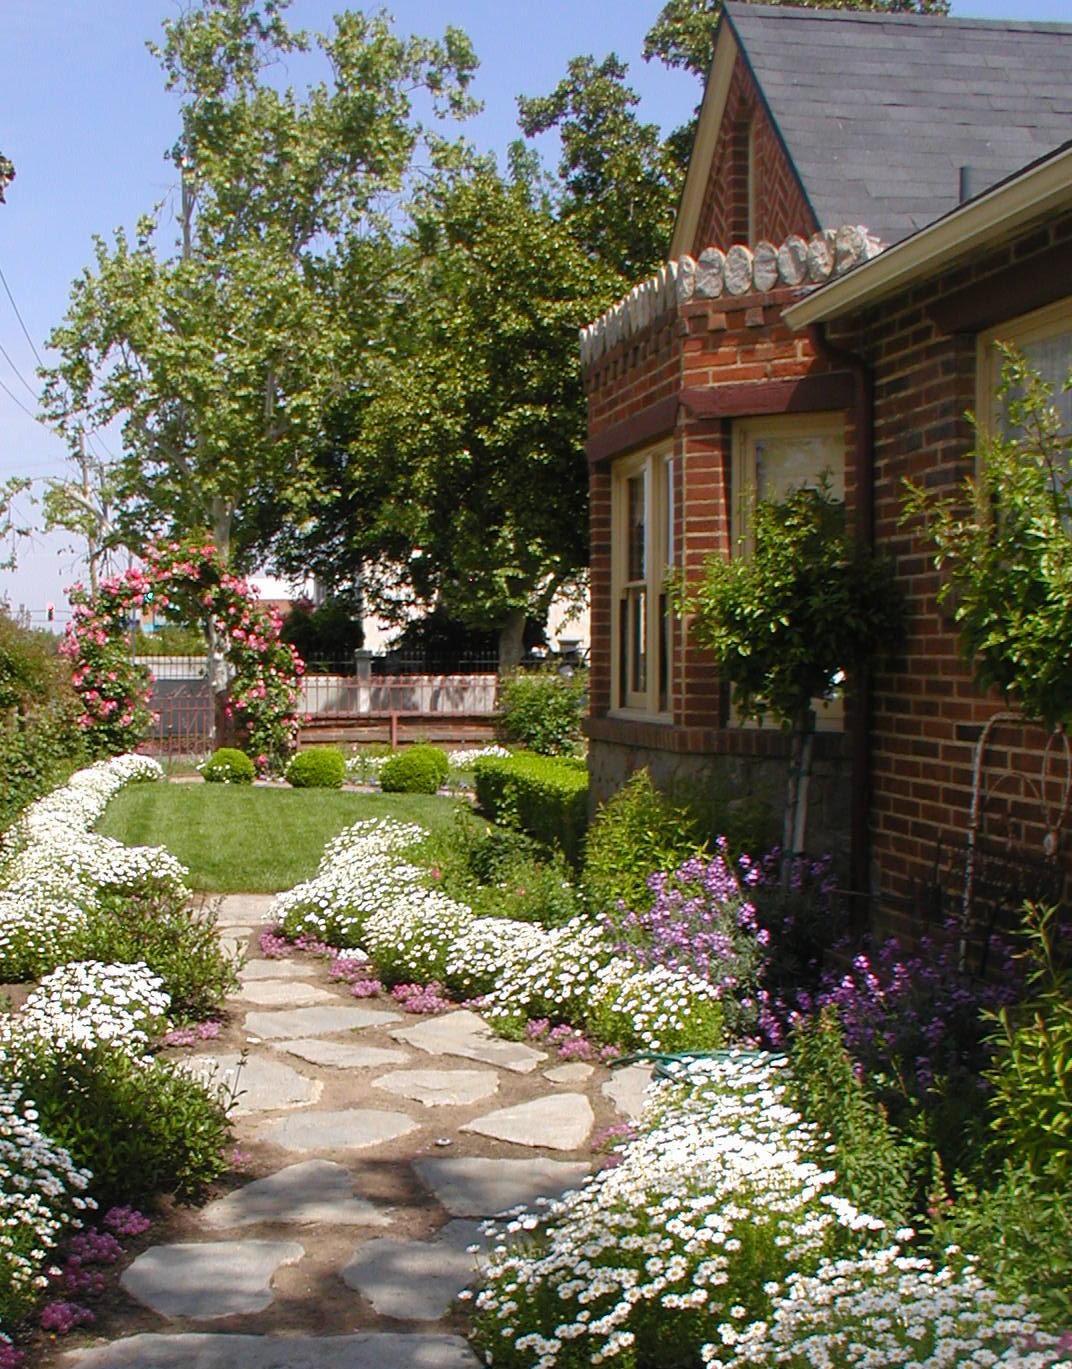 Chateau de fleurs english cottage romance - English cottage ...